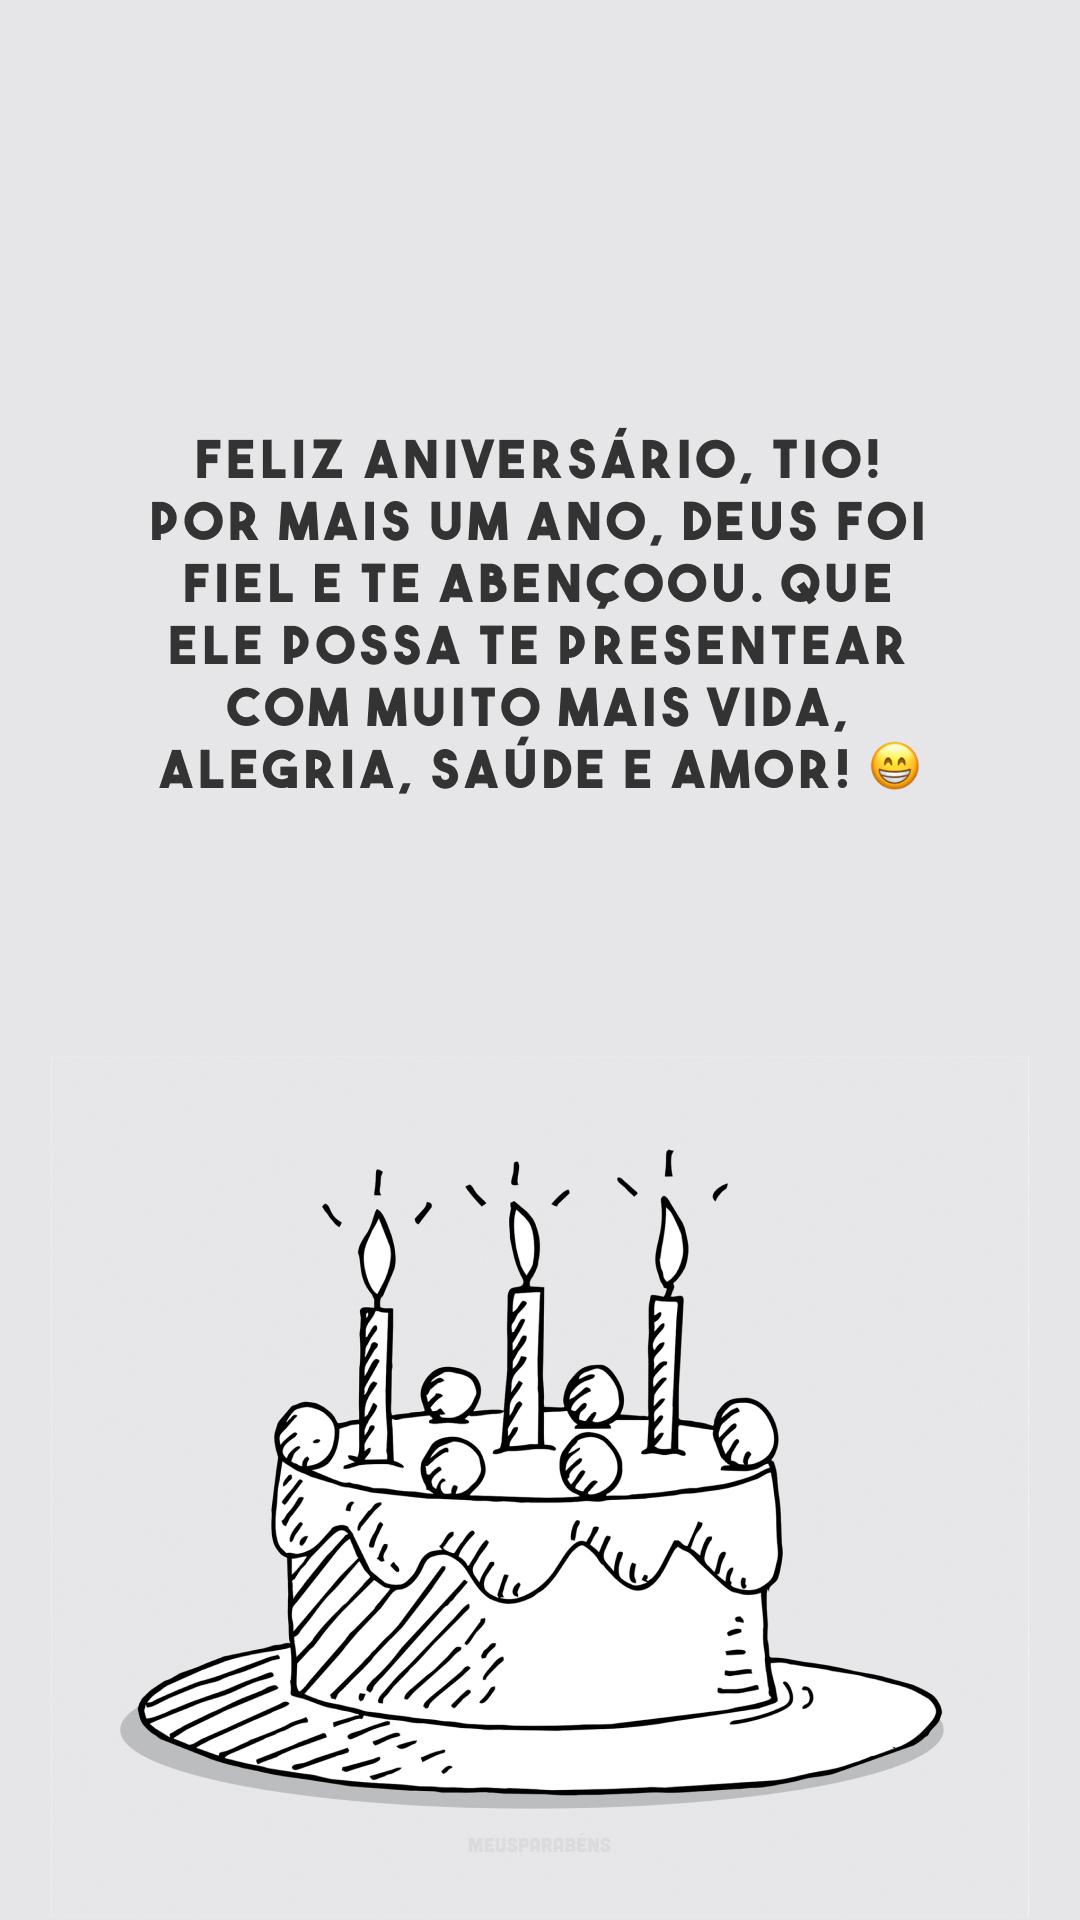 Feliz aniversário, tio! Por mais um ano, Deus foi fiel e te abençoou. Que Ele possa te presentear com muito mais vida, alegria, saúde e amor! 😁